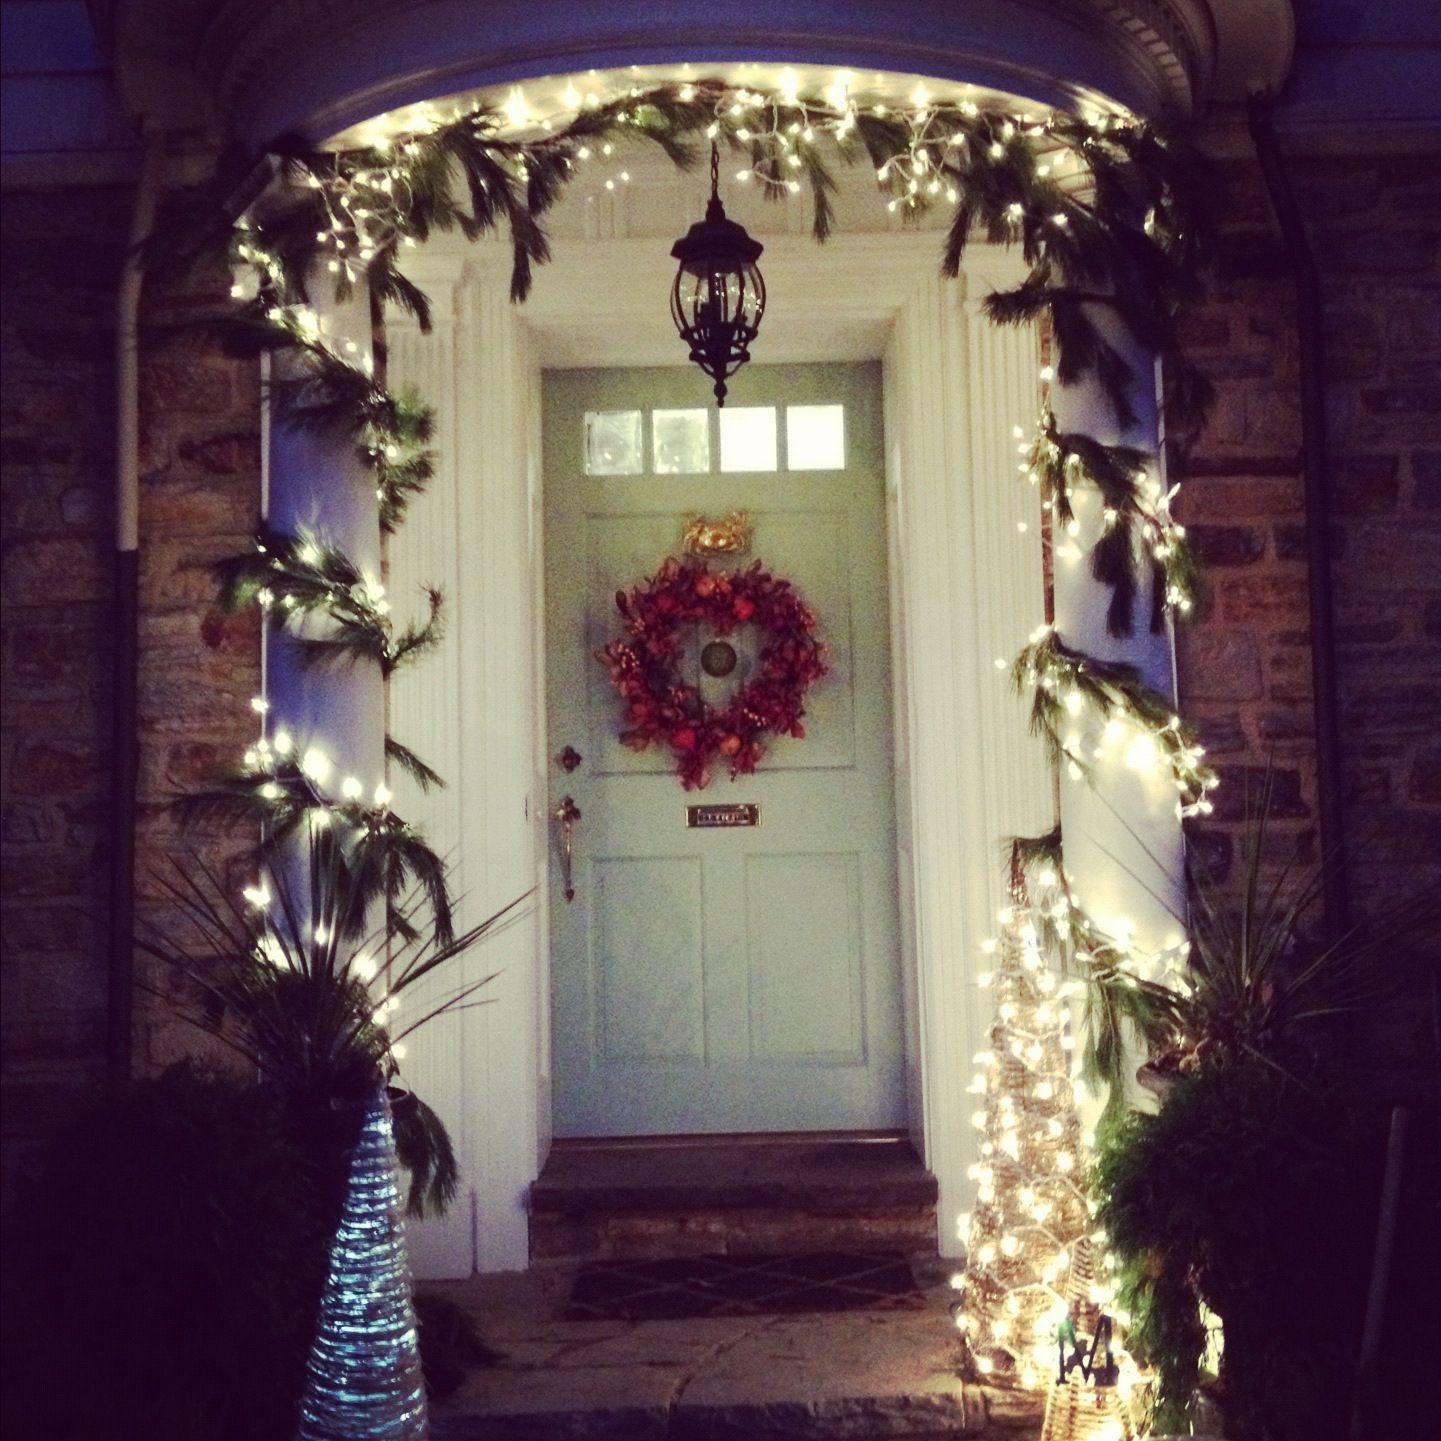 Christmas front door decorations pinterest for Front door decor